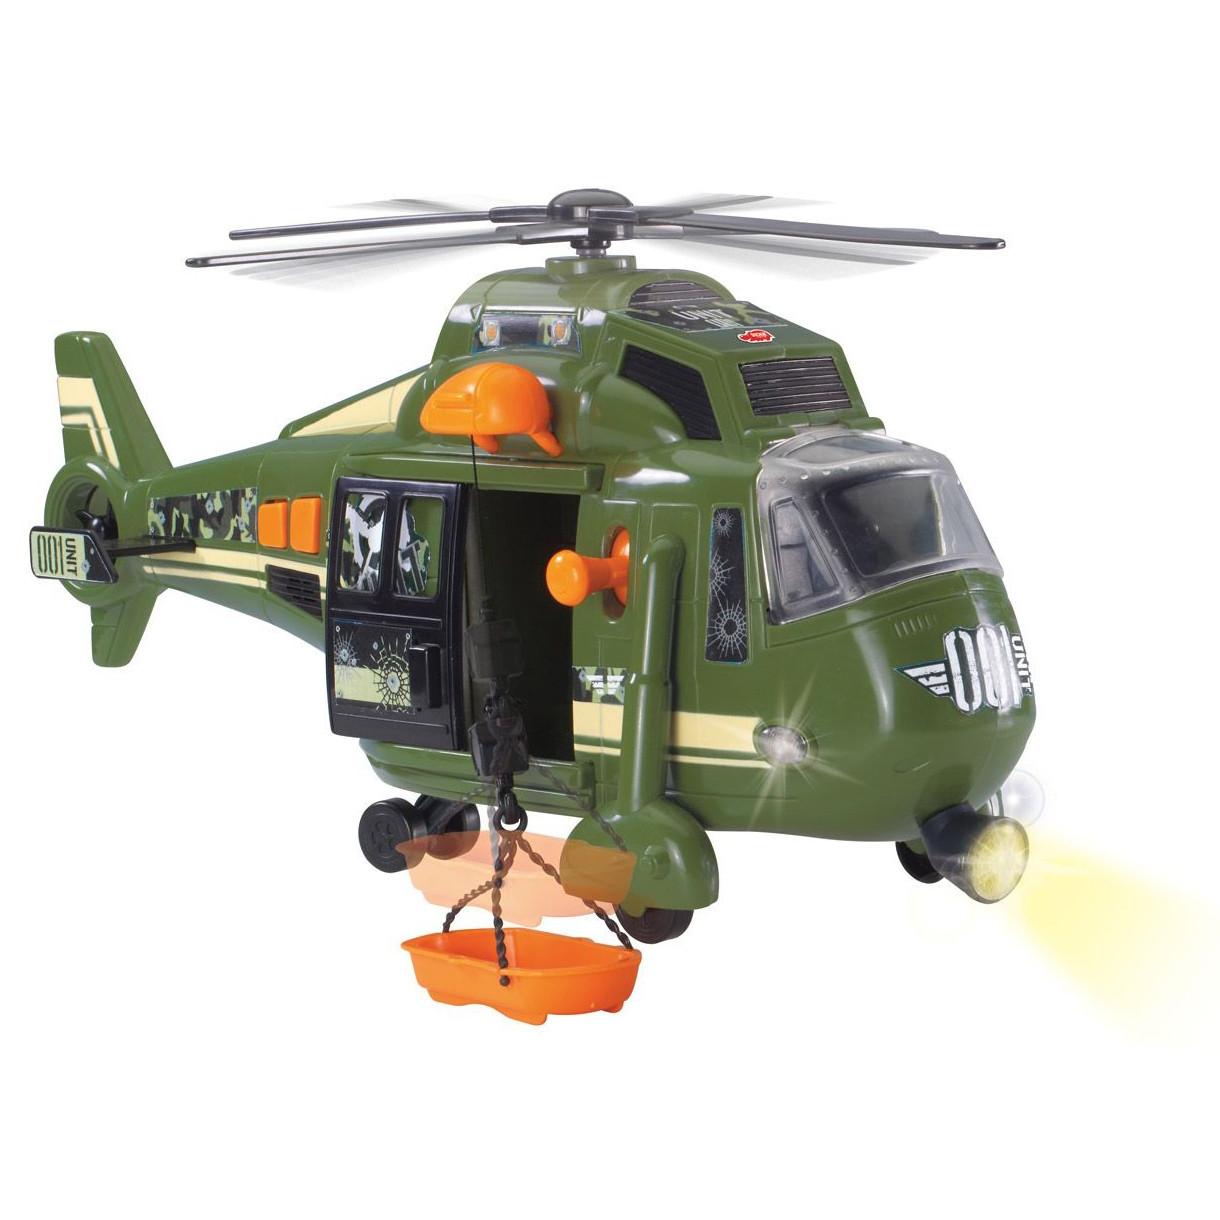 """Военный вертолет """"Sky Force"""", 32 см «Dickie Toys» (3308363)"""